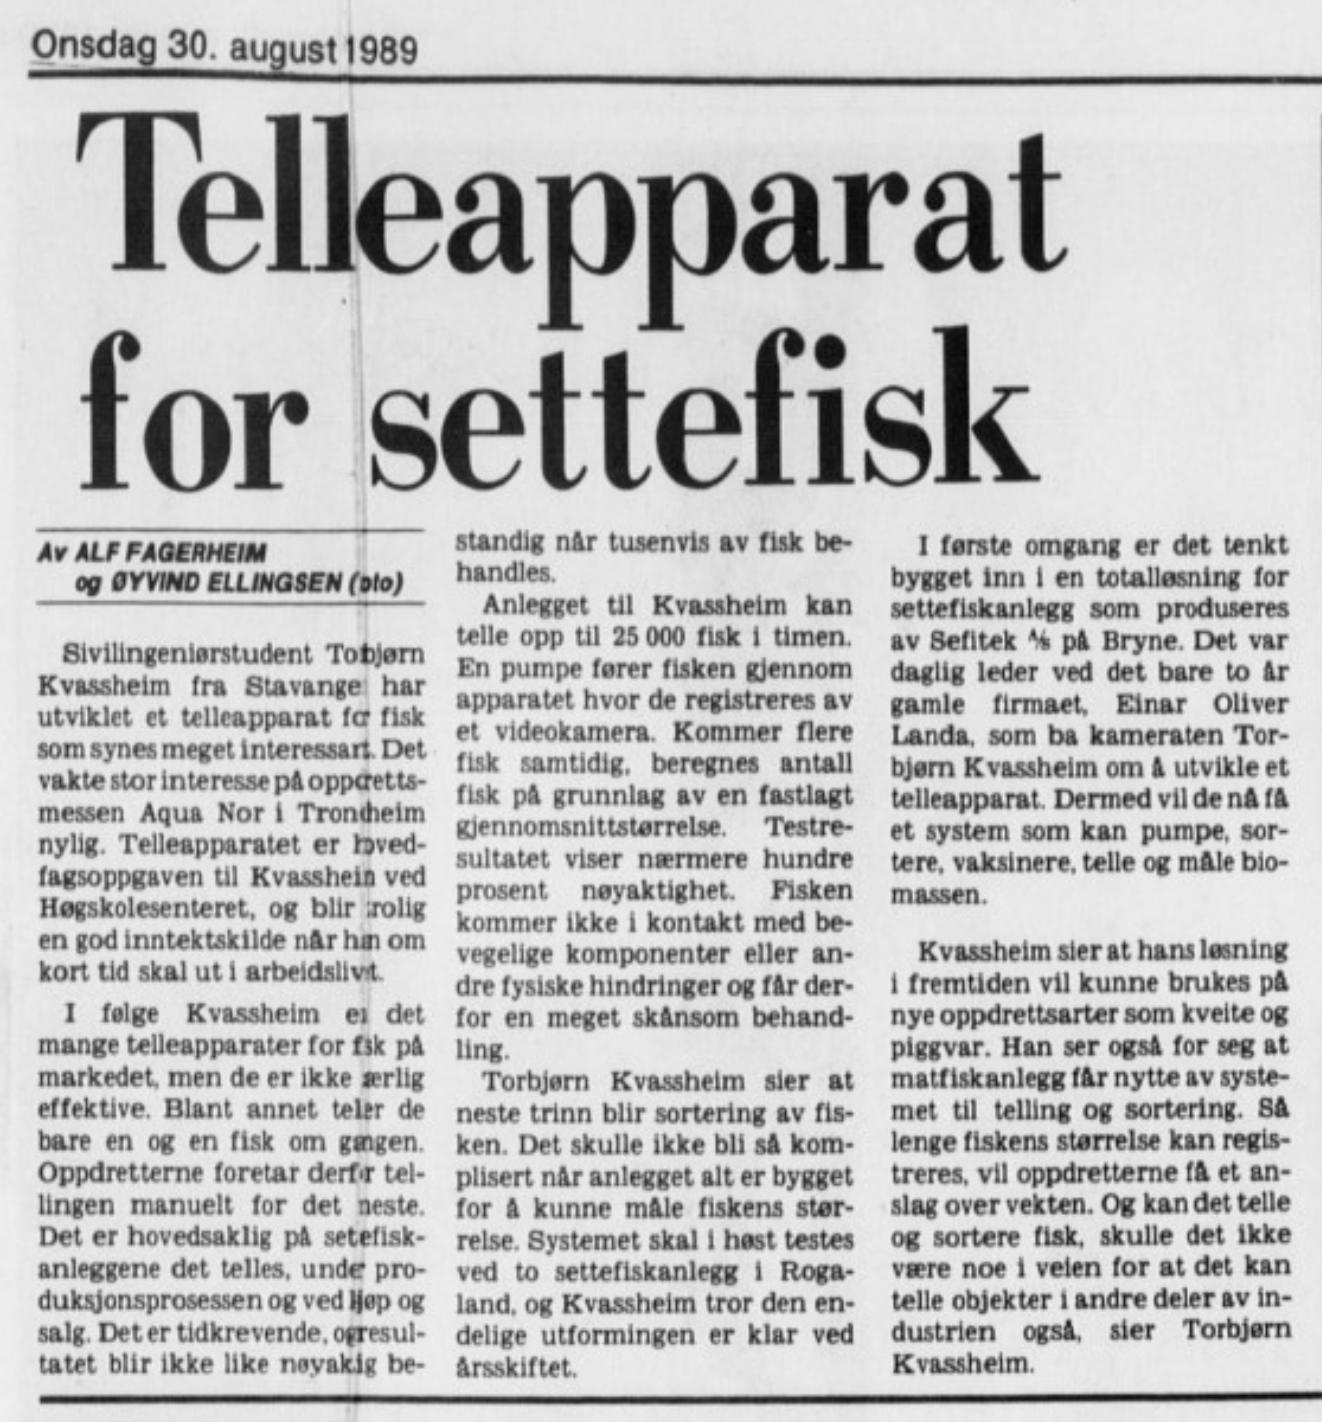 30. August 1989 (Stavanger Aftenblad)